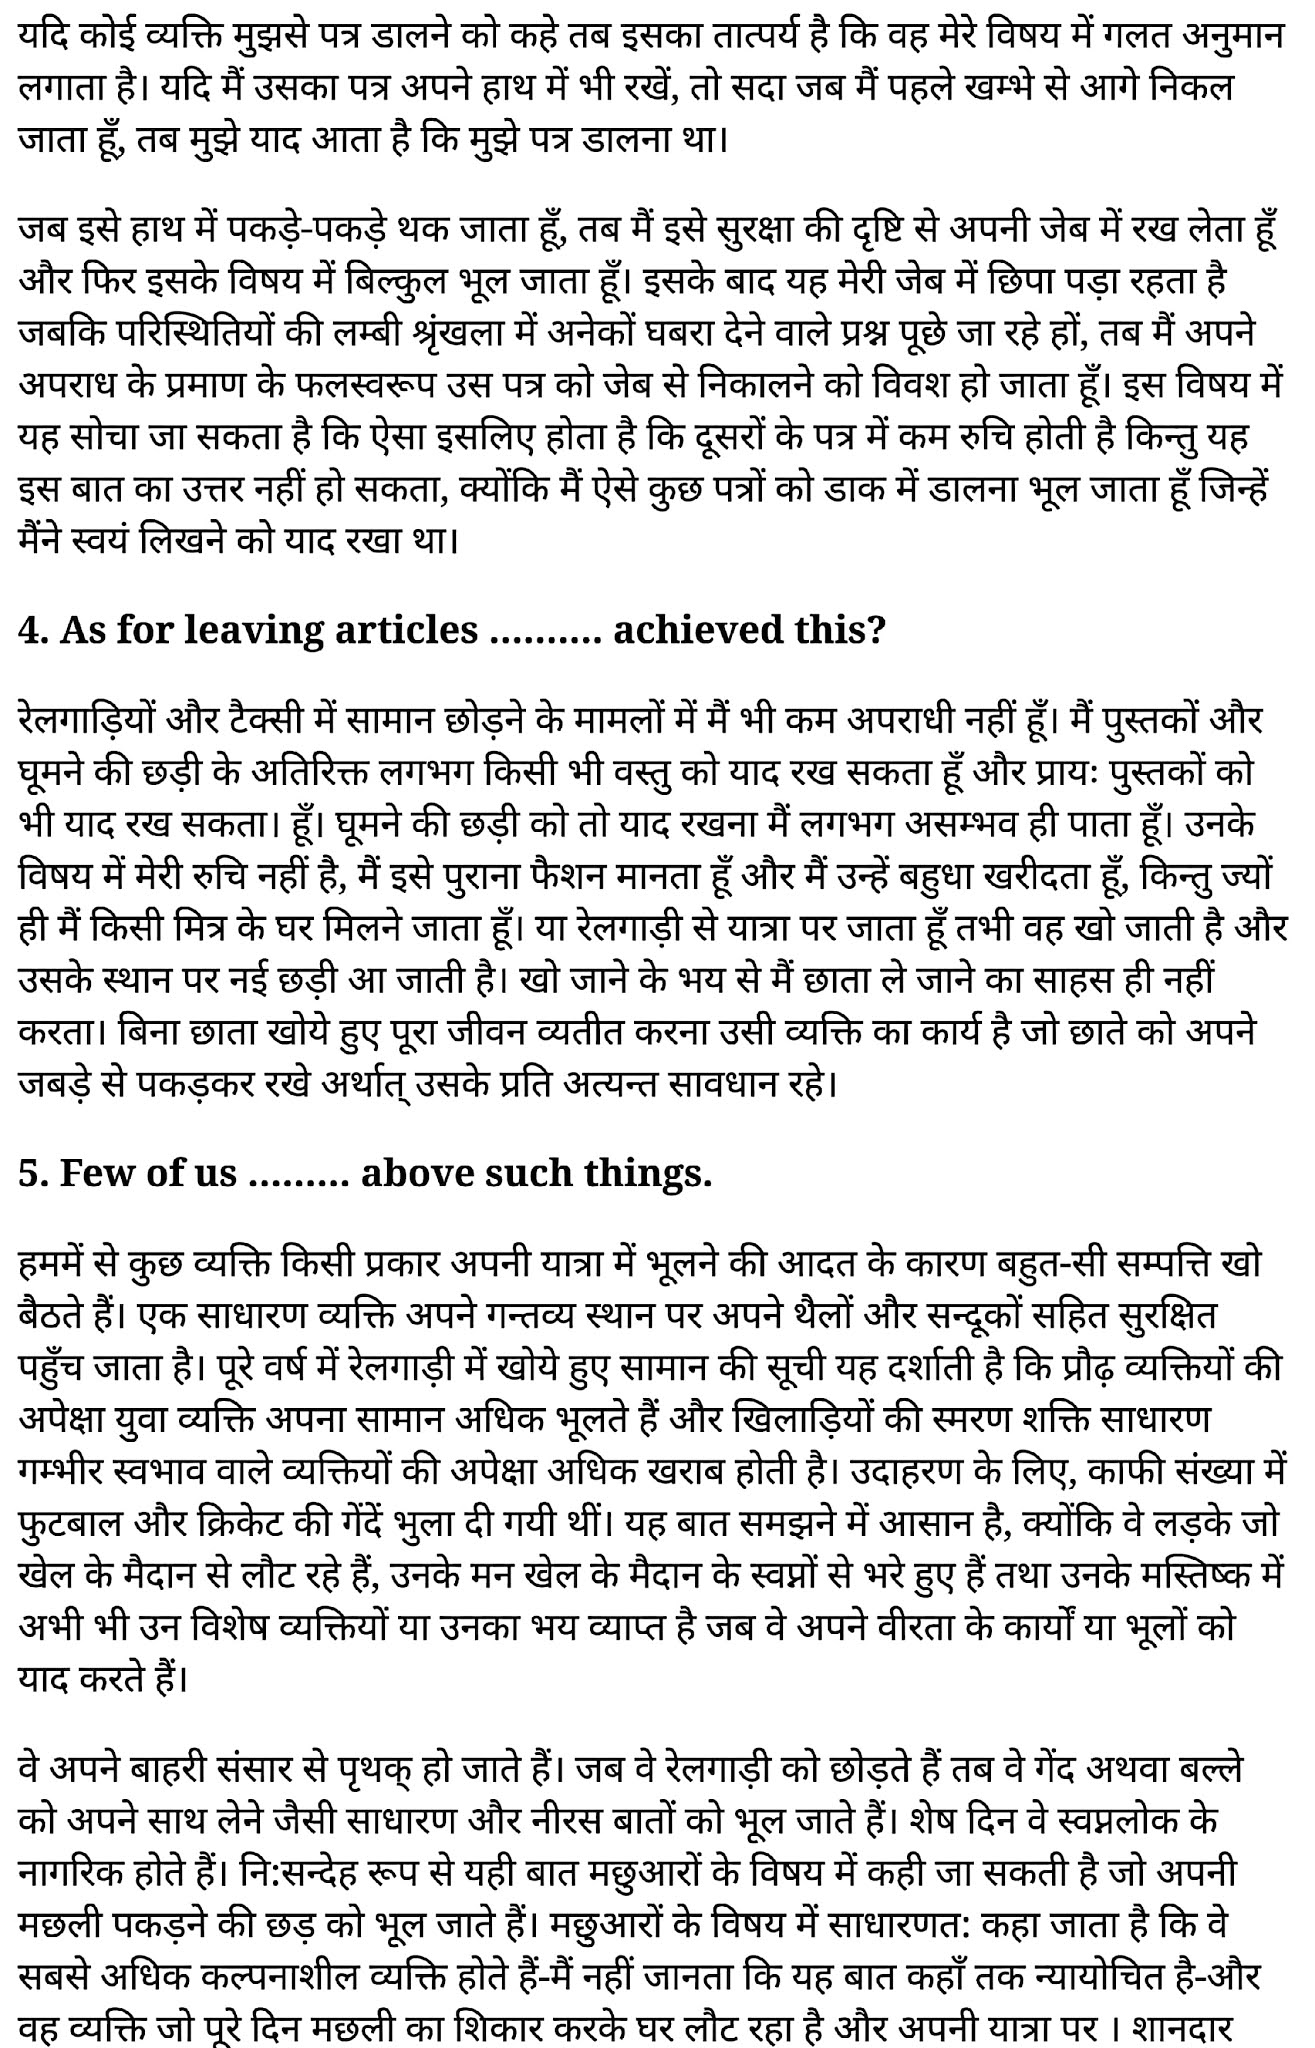 कक्षा 11 अंग्रेज़ी Prose अध्याय 2  के नोट्स हिंदी में एनसीईआरटी समाधान,   class 11 Prose chapter 2 Prose chapter 1,  class 11 Prose chapter 2 Prose chapter 2 ncert solutions in hindi,  class 11 Prose chapter 2 Prose chapter 2 notes in hindi,  class 11 Prose chapter 2 Prose chapter 2 question answer,  class 11 Prose chapter 2 Prose chapter 2 notes,  11   class Prose chapter 2 Prose chapter 2 in hindi,  class 11 Prose chapter 2 Prose chapter 2 in hindi,  class 11 Prose chapter 2 Prose chapter 2 important questions in hindi,  class 11 Prose chapter 2 notes in hindi,  class 11 Prose chapter 2 Prose chapter 2 test,  class 11 Prose chapter 1Prose chapter 2 pdf,  class 11 Prose chapter 2 Prose chapter 2 notes pdf,  class 11 Prose chapter 2 Prose chapter 2 exercise solutions,  class 11 Prose chapter 2 Prose chapter 1, class 11 Prose chapter 2 Prose chapter 2 notes study rankers,  class 11 Prose chapter 2 Prose chapter 2 notes,  class 11 Prose chapter 2 notes,   Prose chapter 2  class 11  notes pdf,  Prose chapter 2 class 11  notes 2021 ncert,   Prose chapter 2 class 11 pdf,    Prose chapter 2  book,     Prose chapter 2 quiz class 11  ,       11  th Prose chapter 2    book up board,       up board 11  th Prose chapter 2 notes,  कक्षा 11 अंग्रेज़ी Prose अध्याय 2 , कक्षा 11 अंग्रेज़ी का Prose अध्याय 2  ncert solution in hindi, कक्षा 11 अंग्रेज़ी के Prose अध्याय 2  के नोट्स हिंदी में, कक्षा 11 का अंग्रेज़ीProse अध्याय 2 का प्रश्न उत्तर, कक्षा 11 अंग्रेज़ी Prose अध्याय 2 के नोट्स, 11 कक्षा अंग्रेज़ी Prose अध्याय 2  हिंदी में,कक्षा 11 अंग्रेज़ी Prose अध्याय 2  हिंदी में, कक्षा 11 अंग्रेज़ी Prose अध्याय 2  महत्वपूर्ण प्रश्न हिंदी में,कक्षा 11 के अंग्रेज़ी के नोट्स हिंदी में,अंग्रेज़ी कक्षा 11 नोट्स pdf,  अंग्रेज़ी  कक्षा 11 नोट्स 2021 ncert,  अंग्रेज़ी  कक्षा 11 pdf,  अंग्रेज़ी  पुस्तक,  अंग्रेज़ी की बुक,  अंग्रेज़ी  प्रश्नोत्तरी class 11  , 11   वीं अंग्रेज़ी  पुस्तक up board,  बिहार बोर्ड 11  पुस्तक वीं अंग्रेज़ी नोट्स,    11th Prose chapter 1   book in hindi,11  th Prose chapte